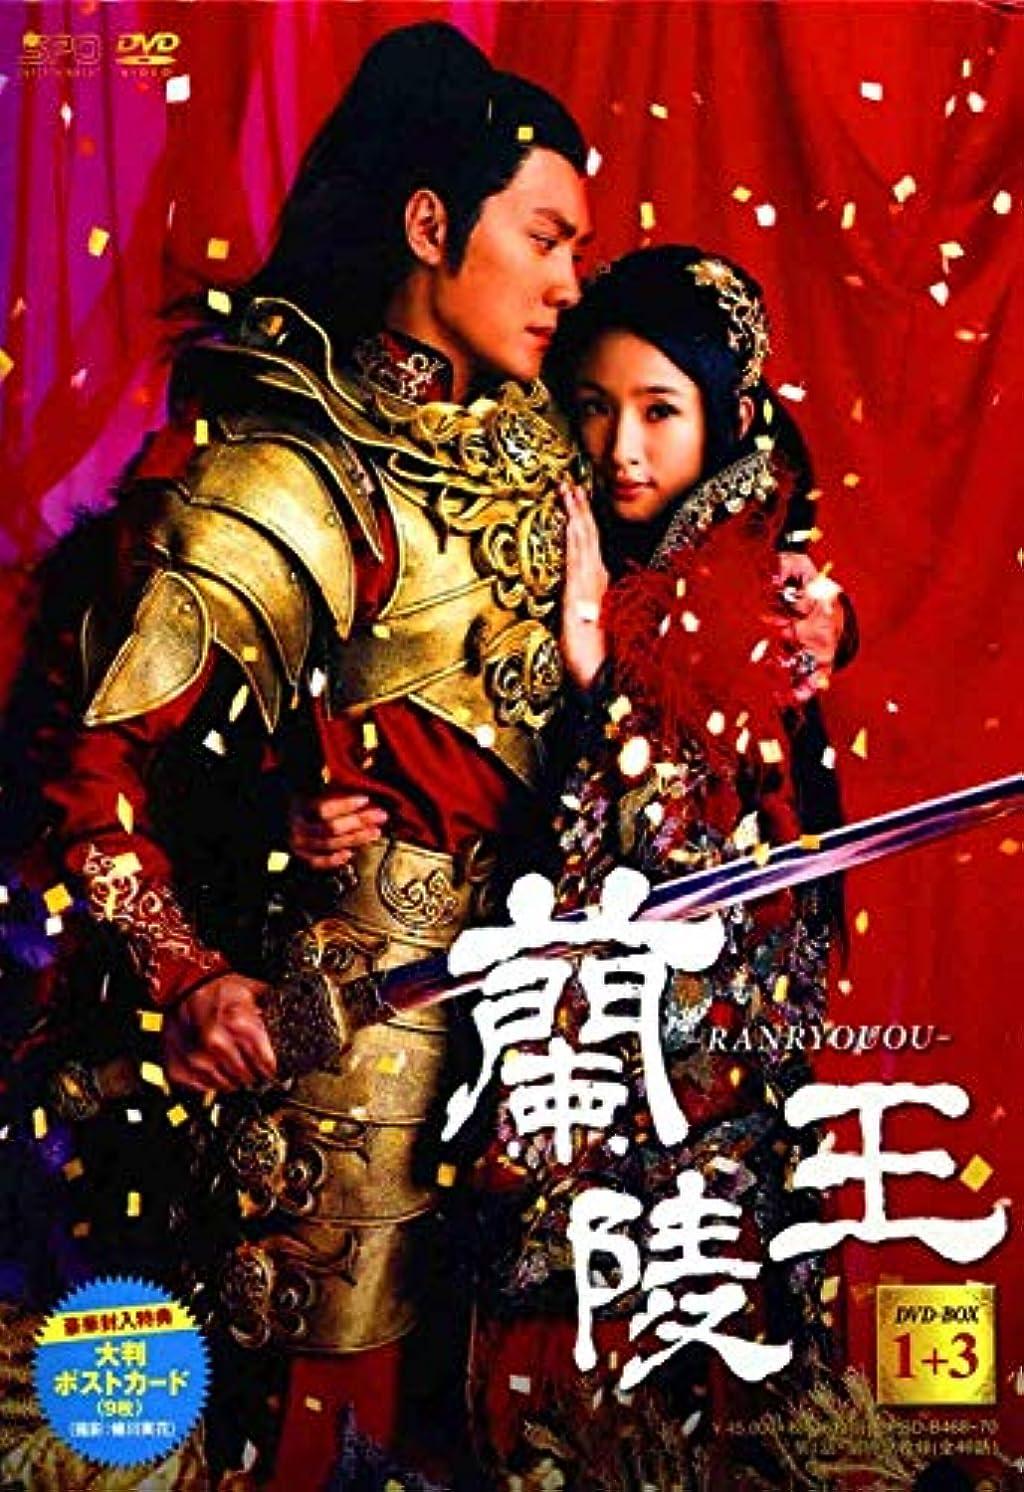 焼く火薬運河蘭陵王 DVD-BOX1+3+特典 16枚組 日本語吹替